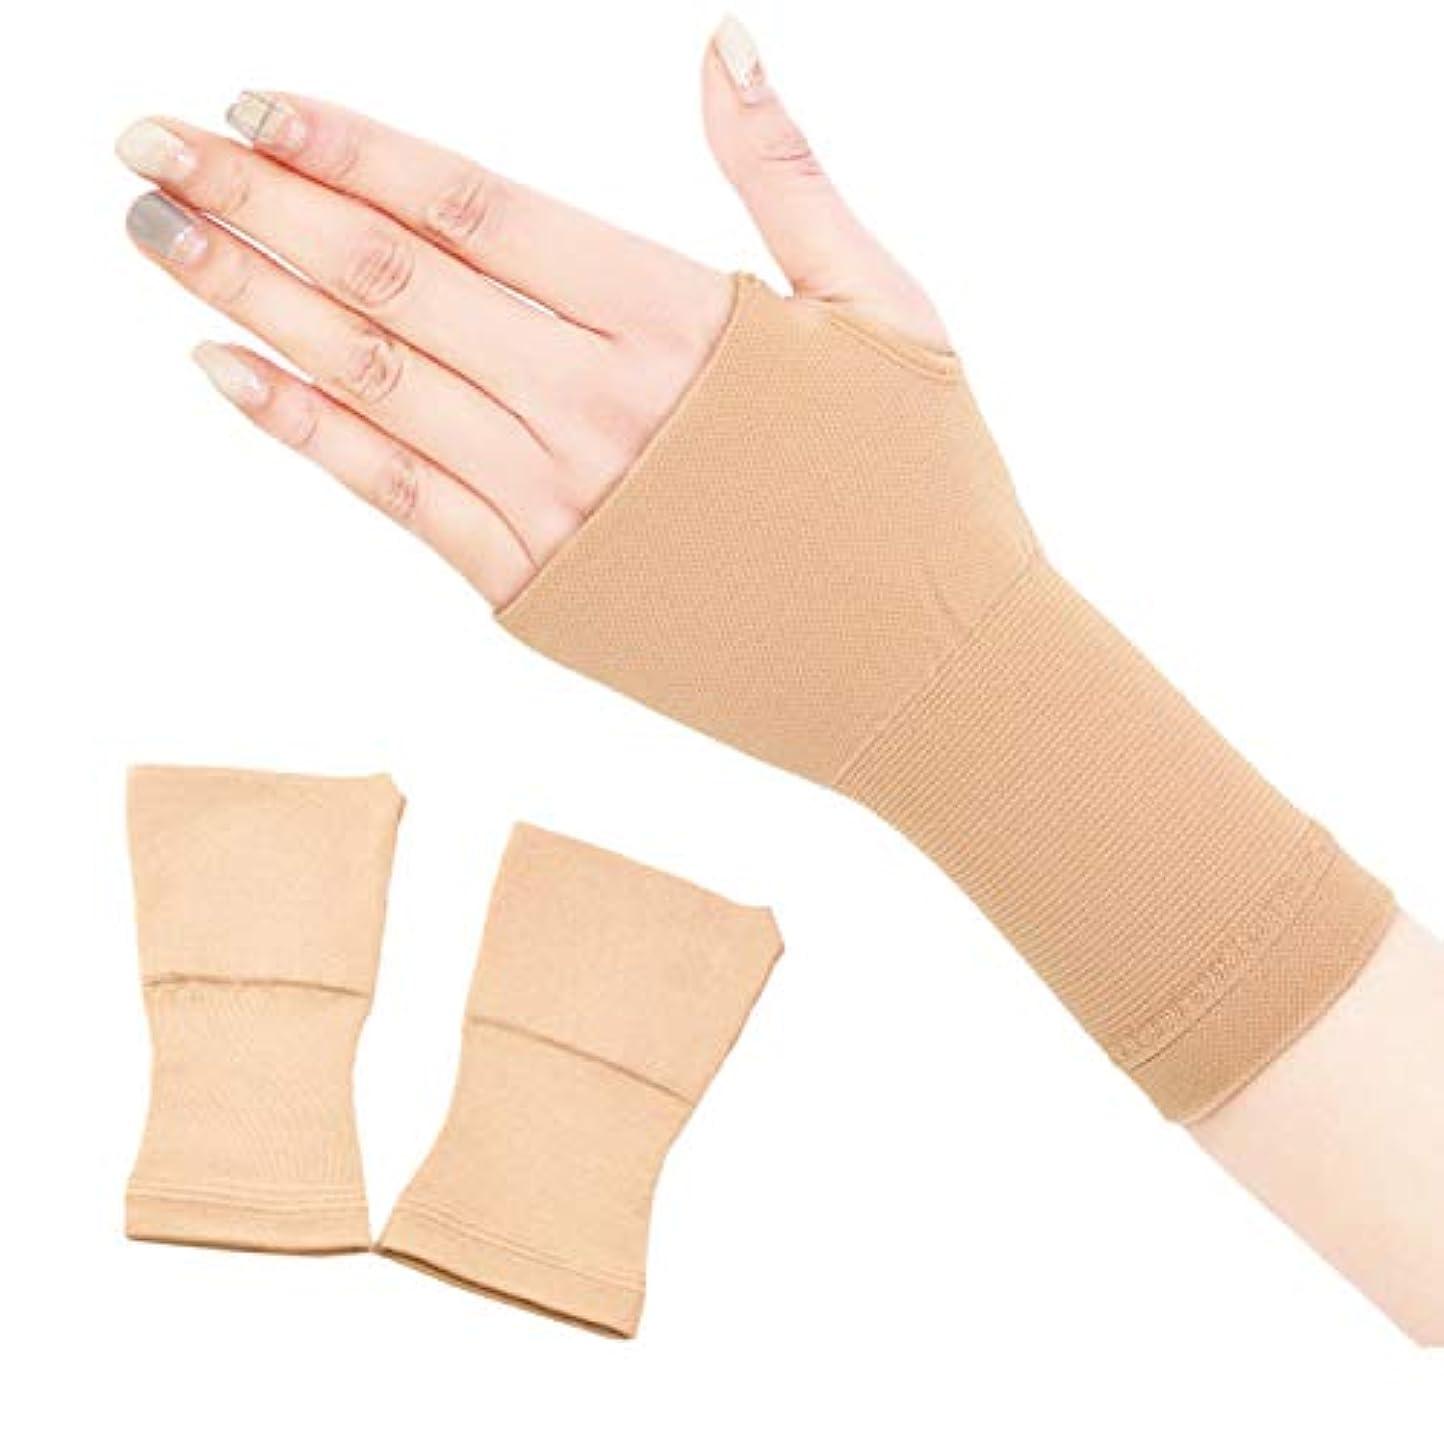 ゴネリルあらゆる種類の火炎関節痛のための2個の手首サポート手首ラップブレース手根管腱鞘炎圧縮弾性ソフト加リストバンドグレート,L